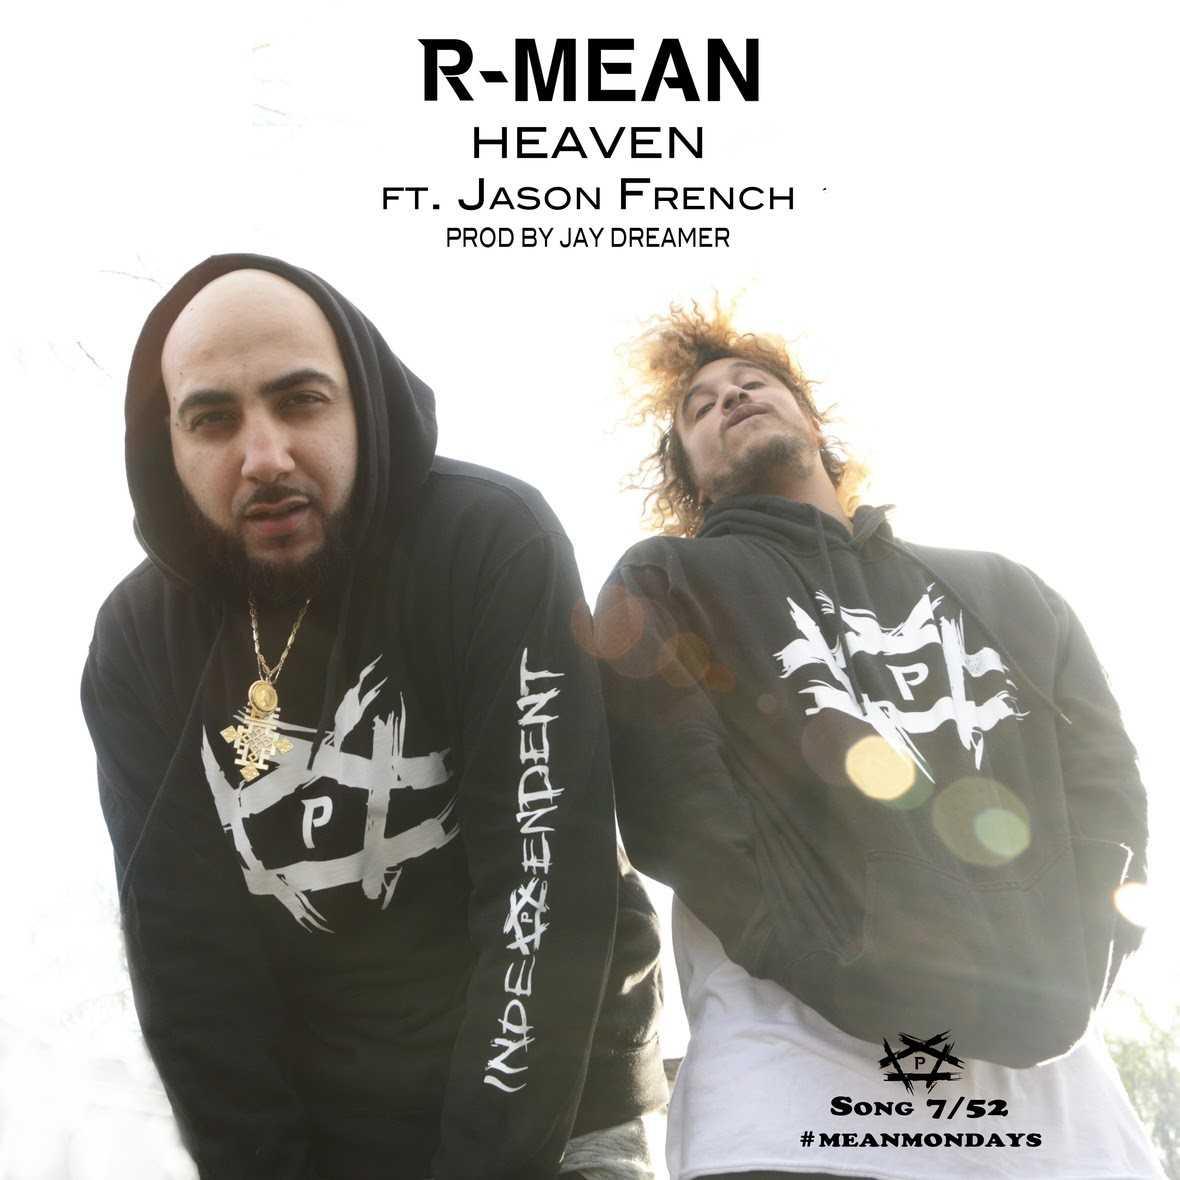 r-mean